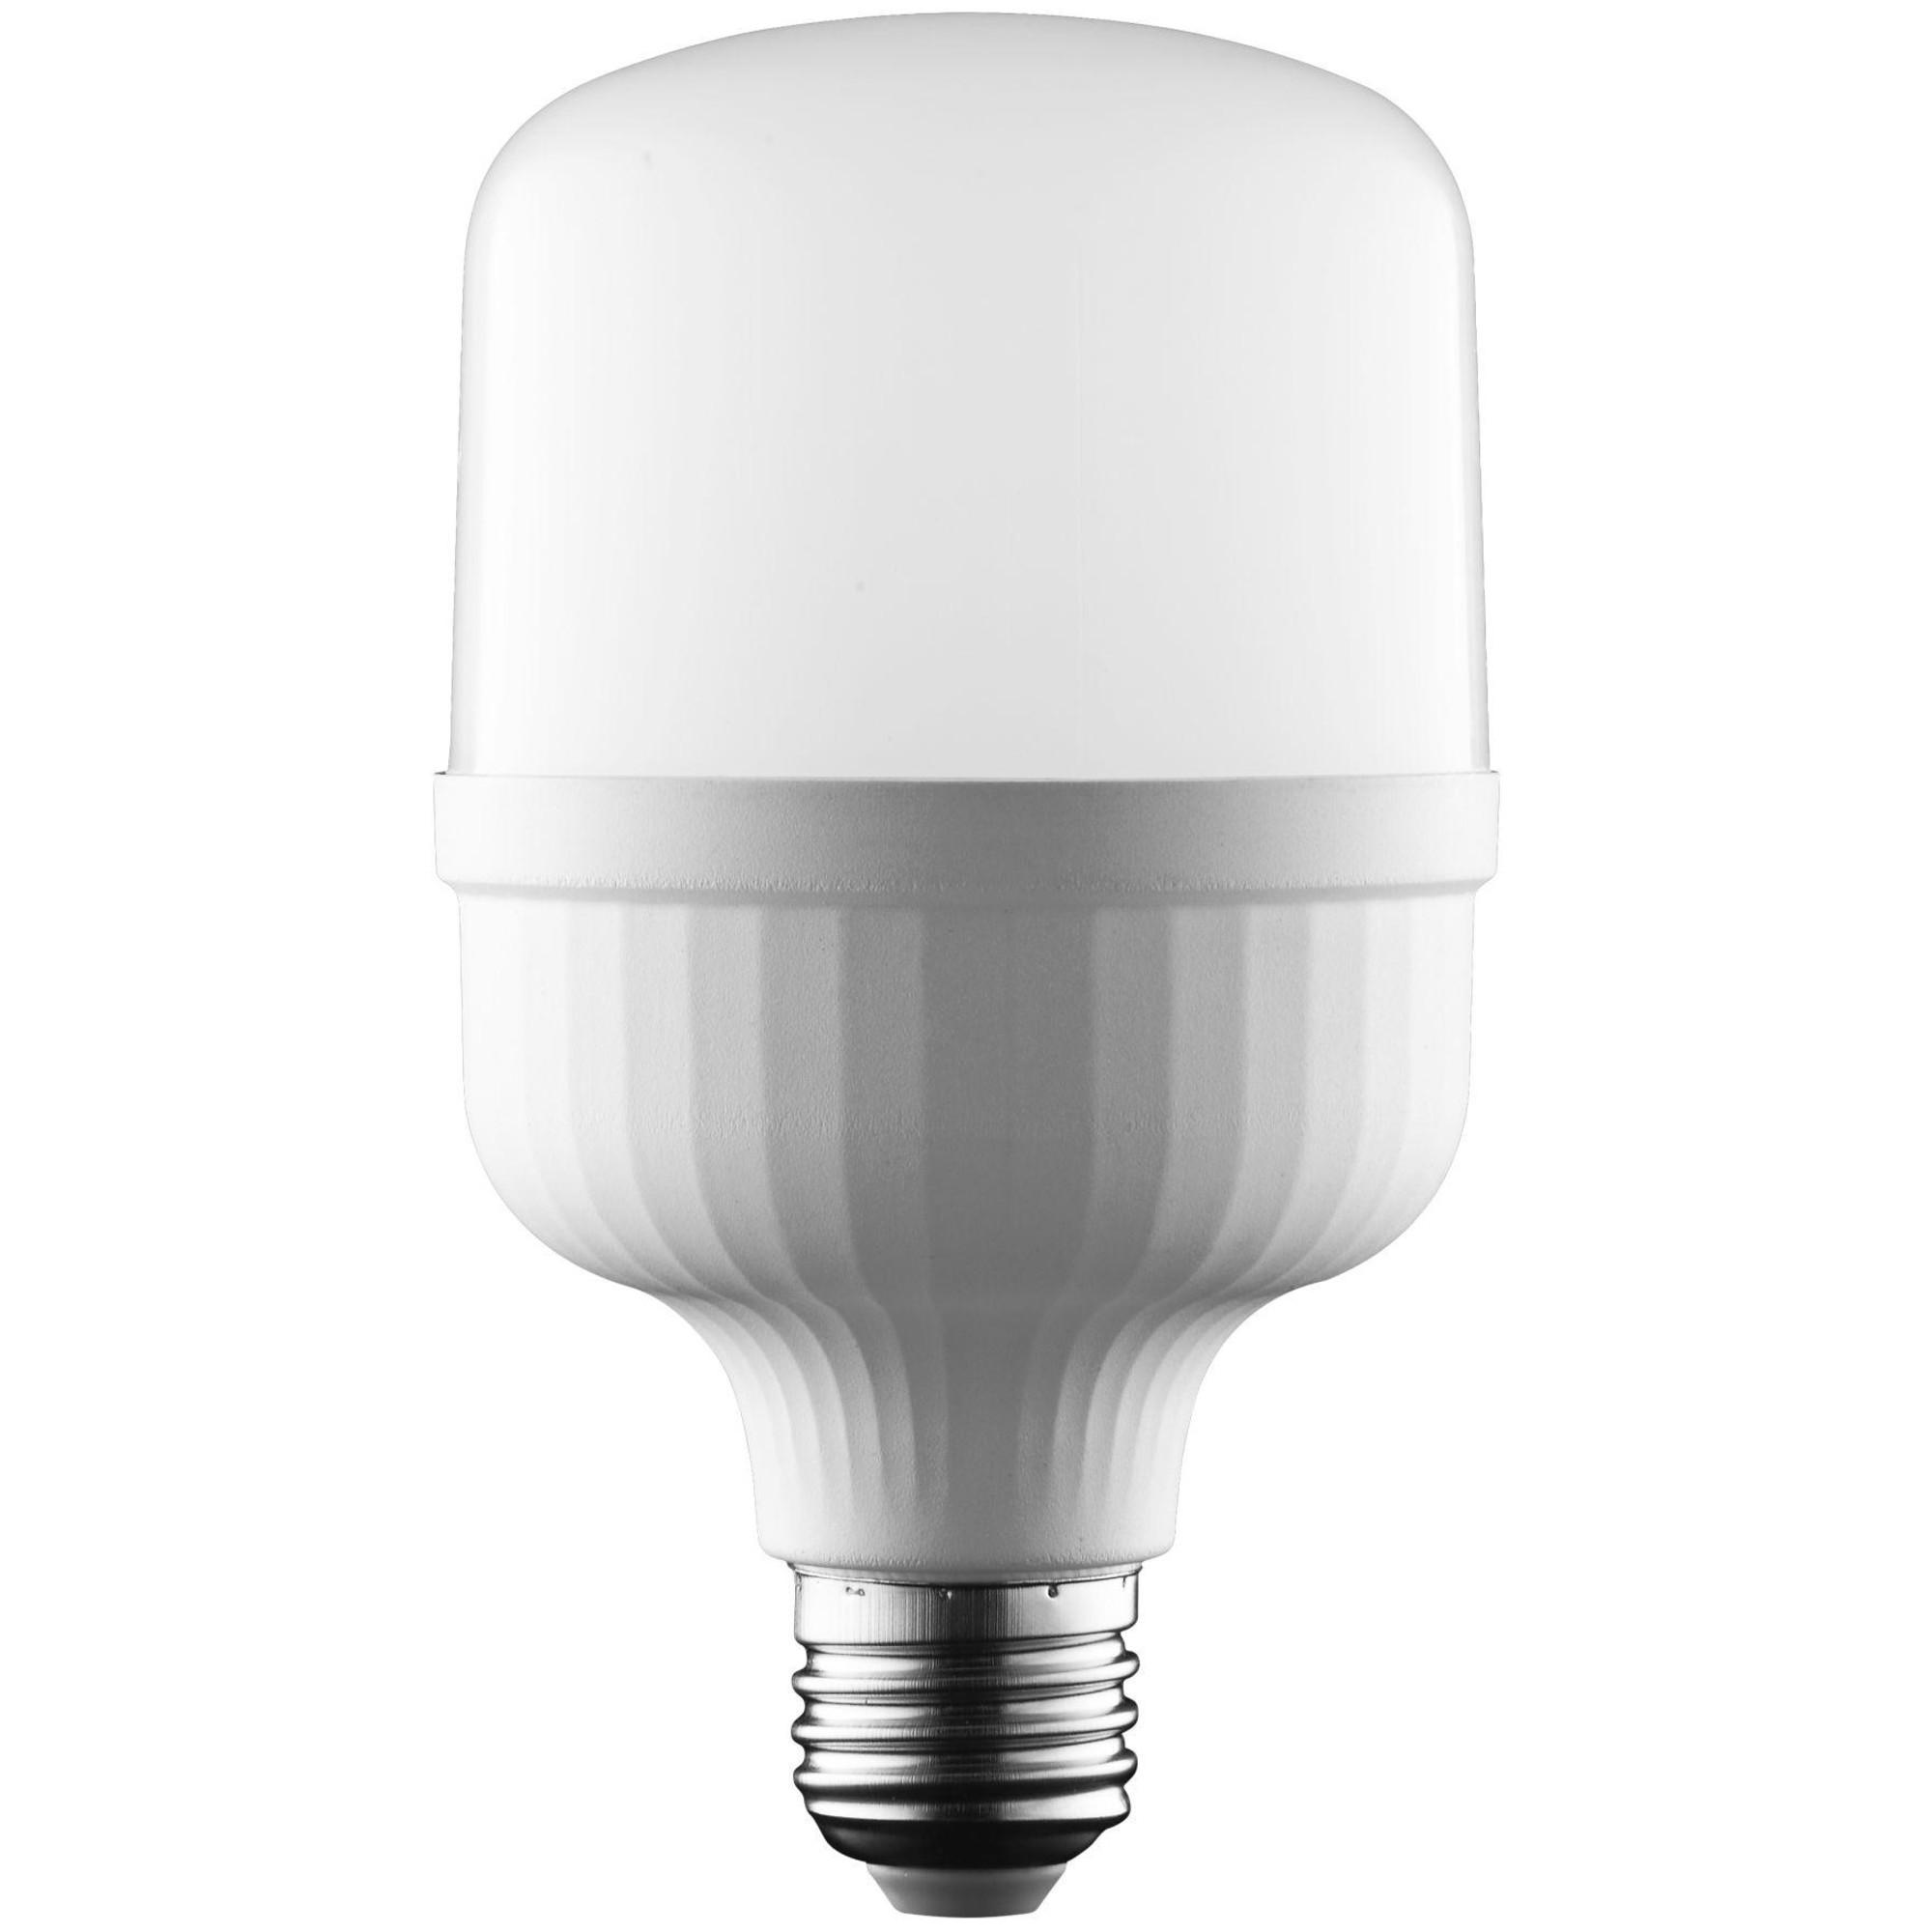 Лампа Ecola Premium светодионая E27 50 Вт 4500 Лм нейтральный свет